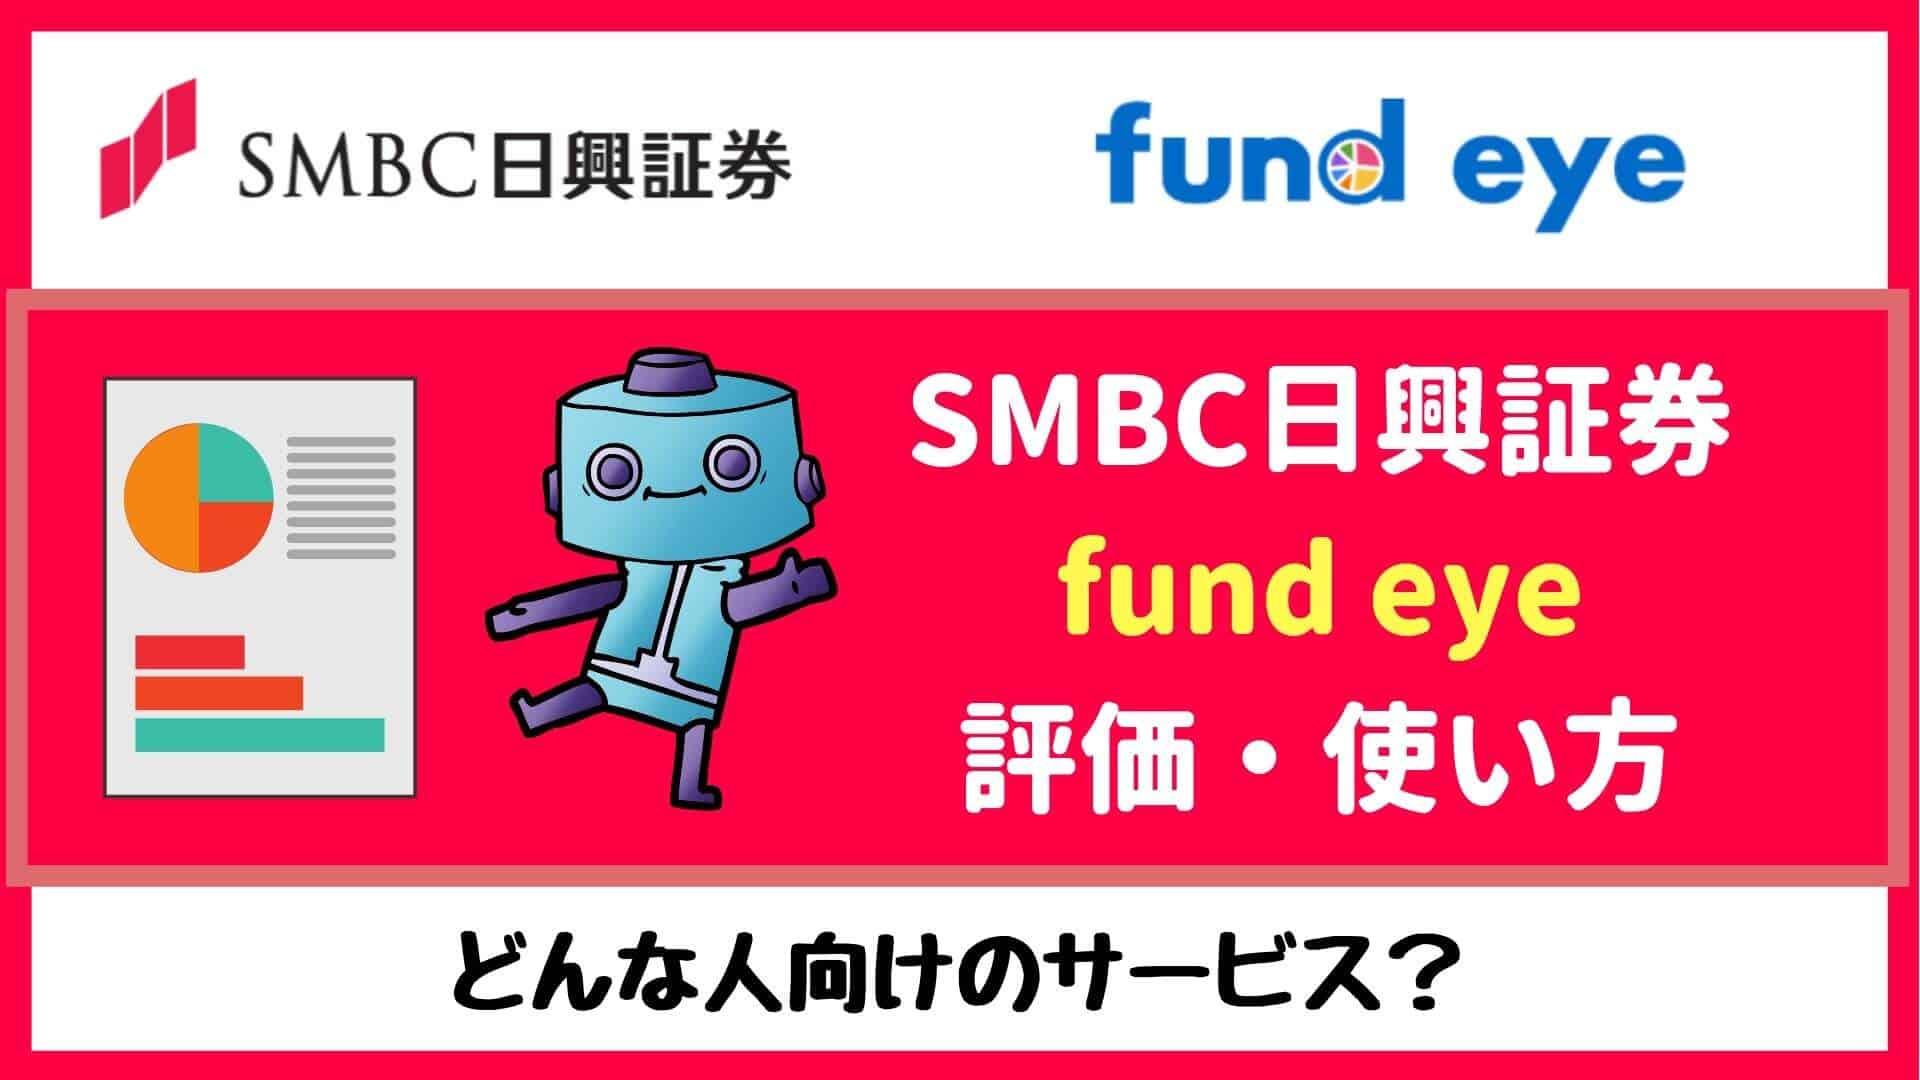 SMBC日興証券「fund eye」の評価は?他ロボアドバイザーと比較・解説